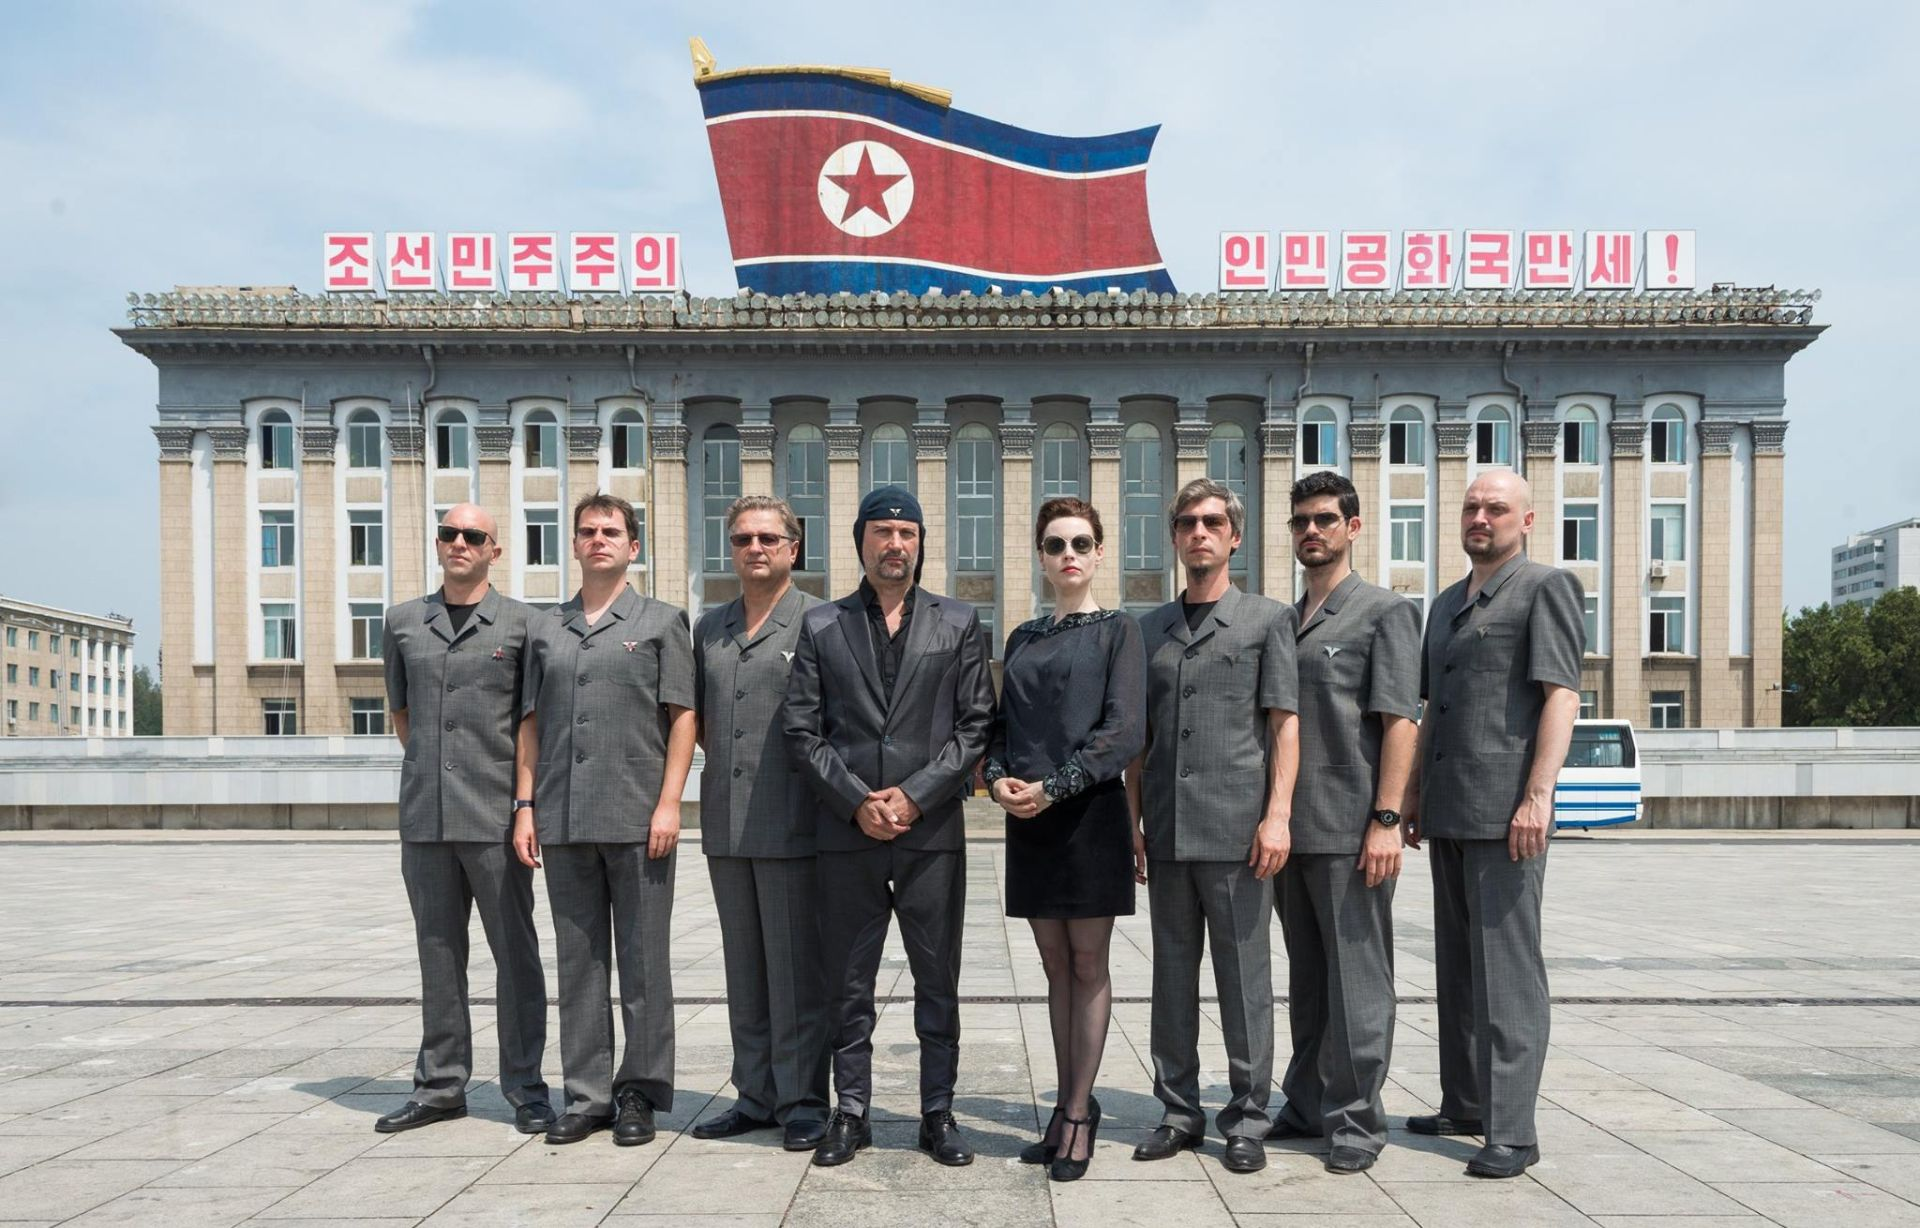 SUTRA NOVI KONCERT Laibachu ovacije u Sjevernoj Koreji, ipak se umiješali cenzori